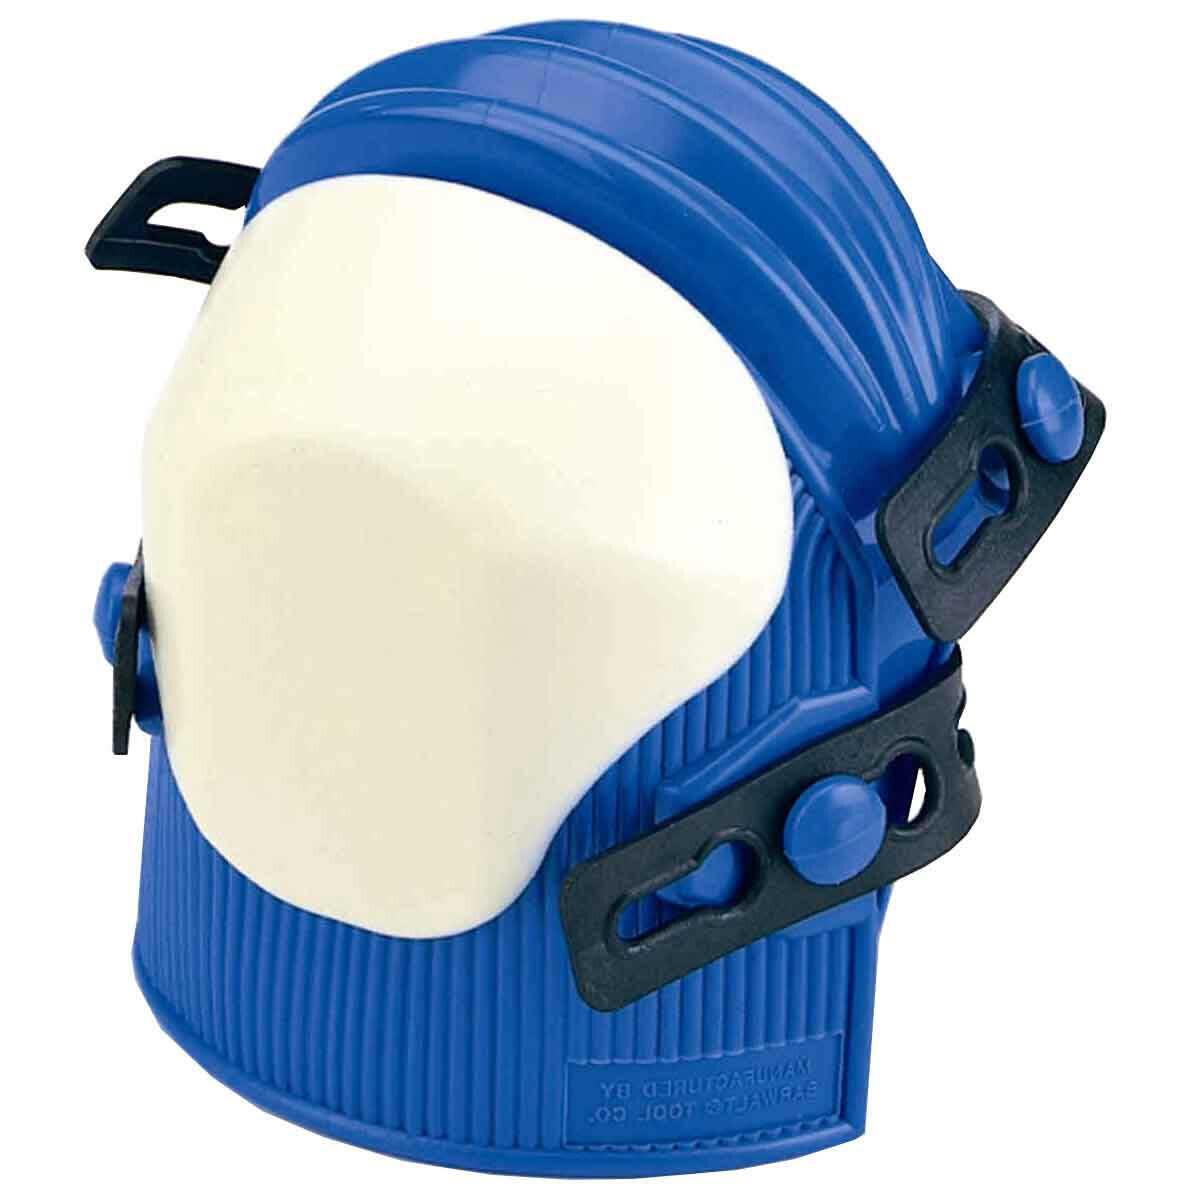 Barwalt Ultralight KN-3 Knee Pads